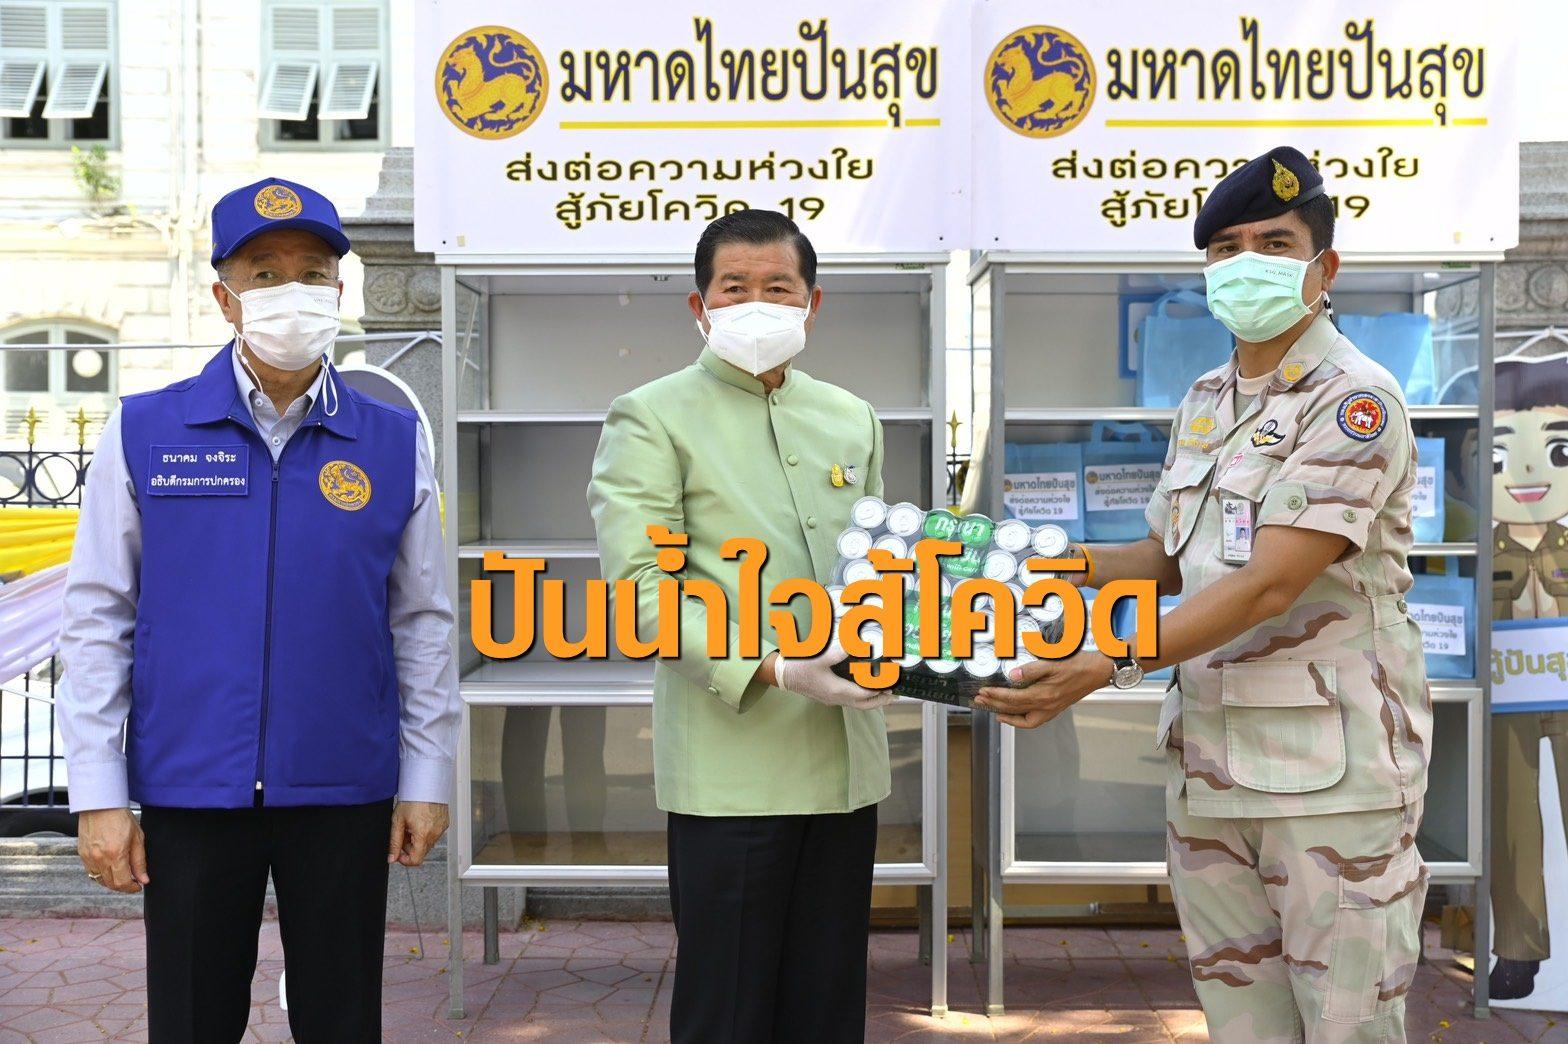 """""""นิพนธ์"""" เติมเครื่องอุปโภค-บริโภค ตู้ปันสุข ร่วมกิจกรรม """"คนมหาดไทย แบ่งปันน้ำใจ สู้ภัยโควิด"""